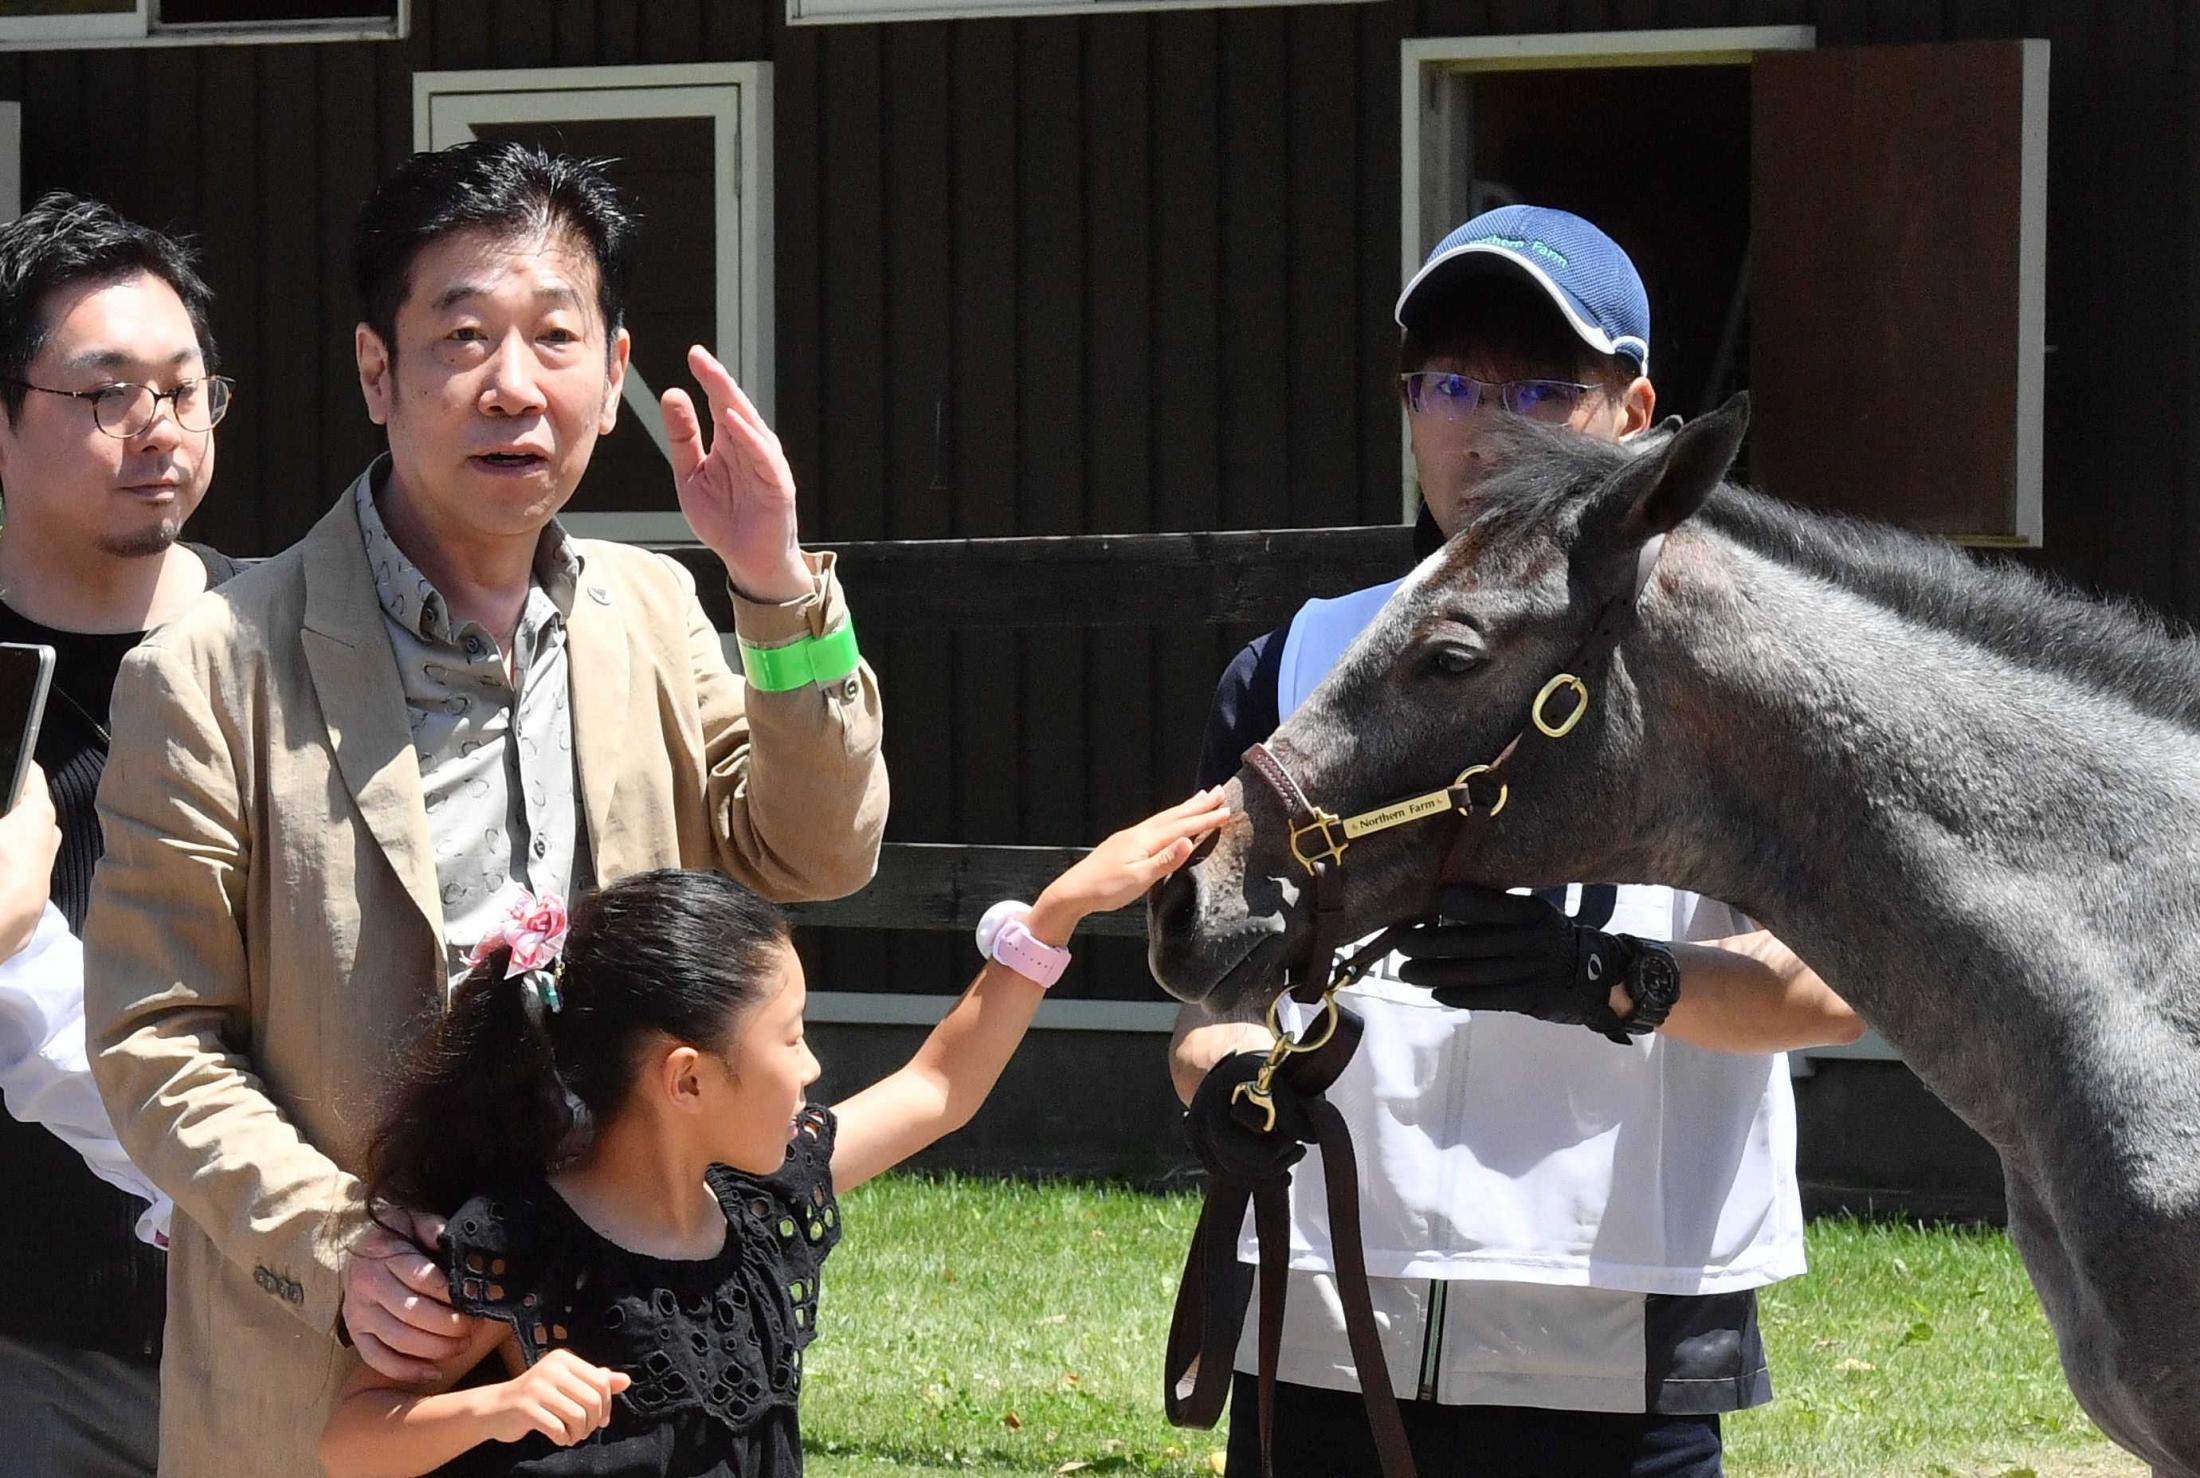 2億円超で2頭のロードカナロア産駒を手に入れた小笹芳央オーナー(左)